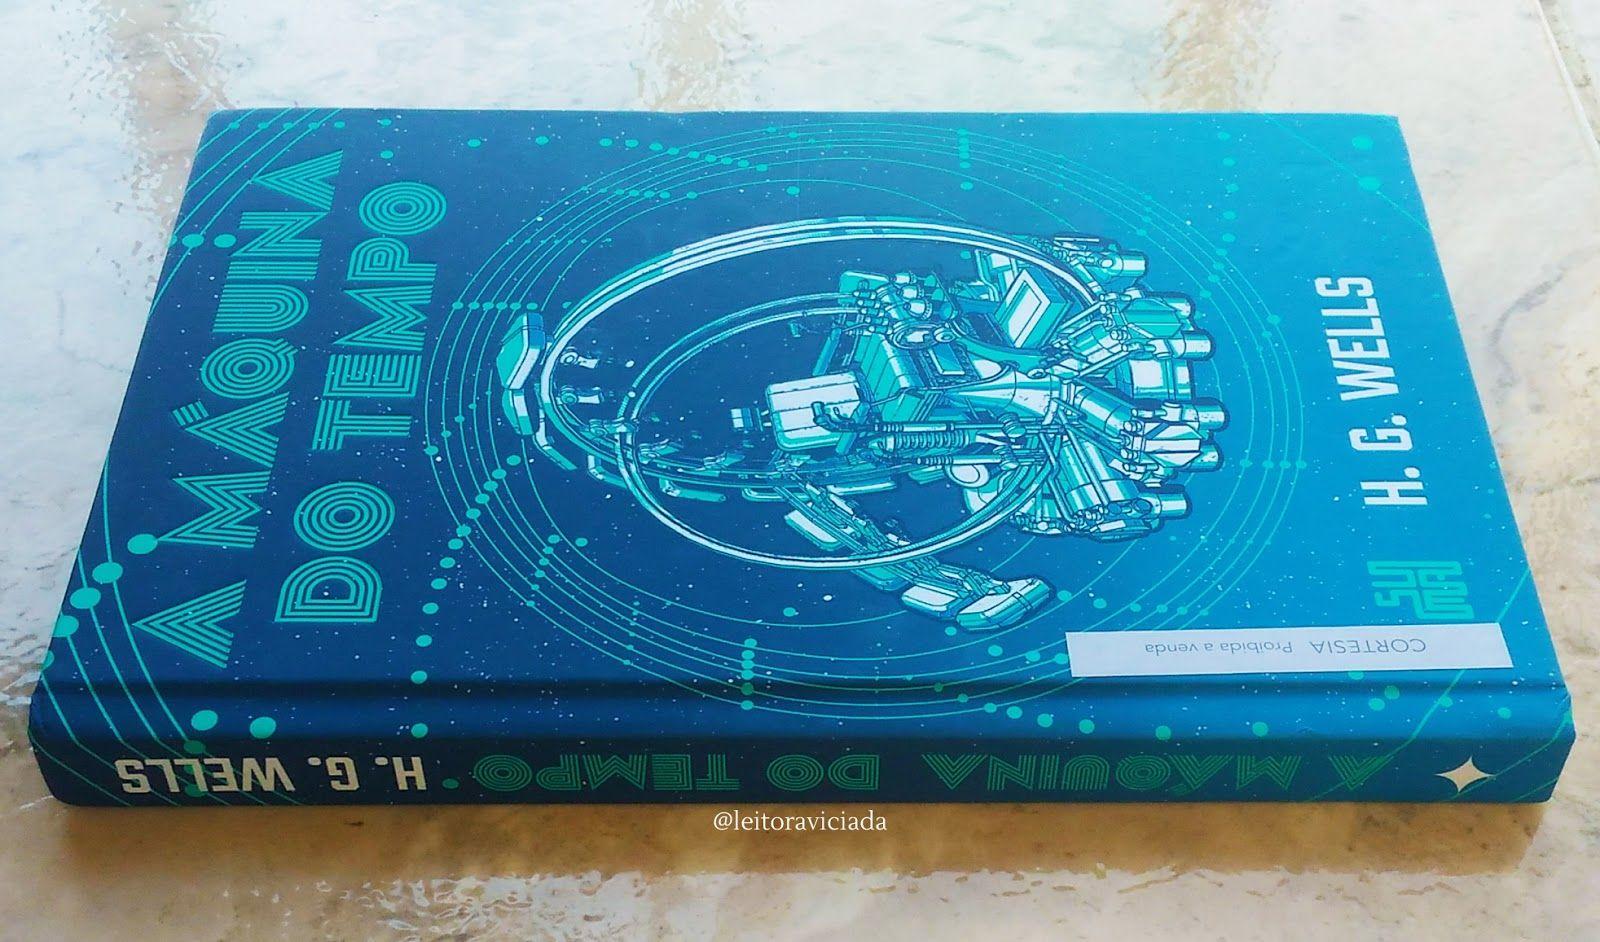 Ficção científica - Como surgiu o gênero literário e algumas obras clássicas